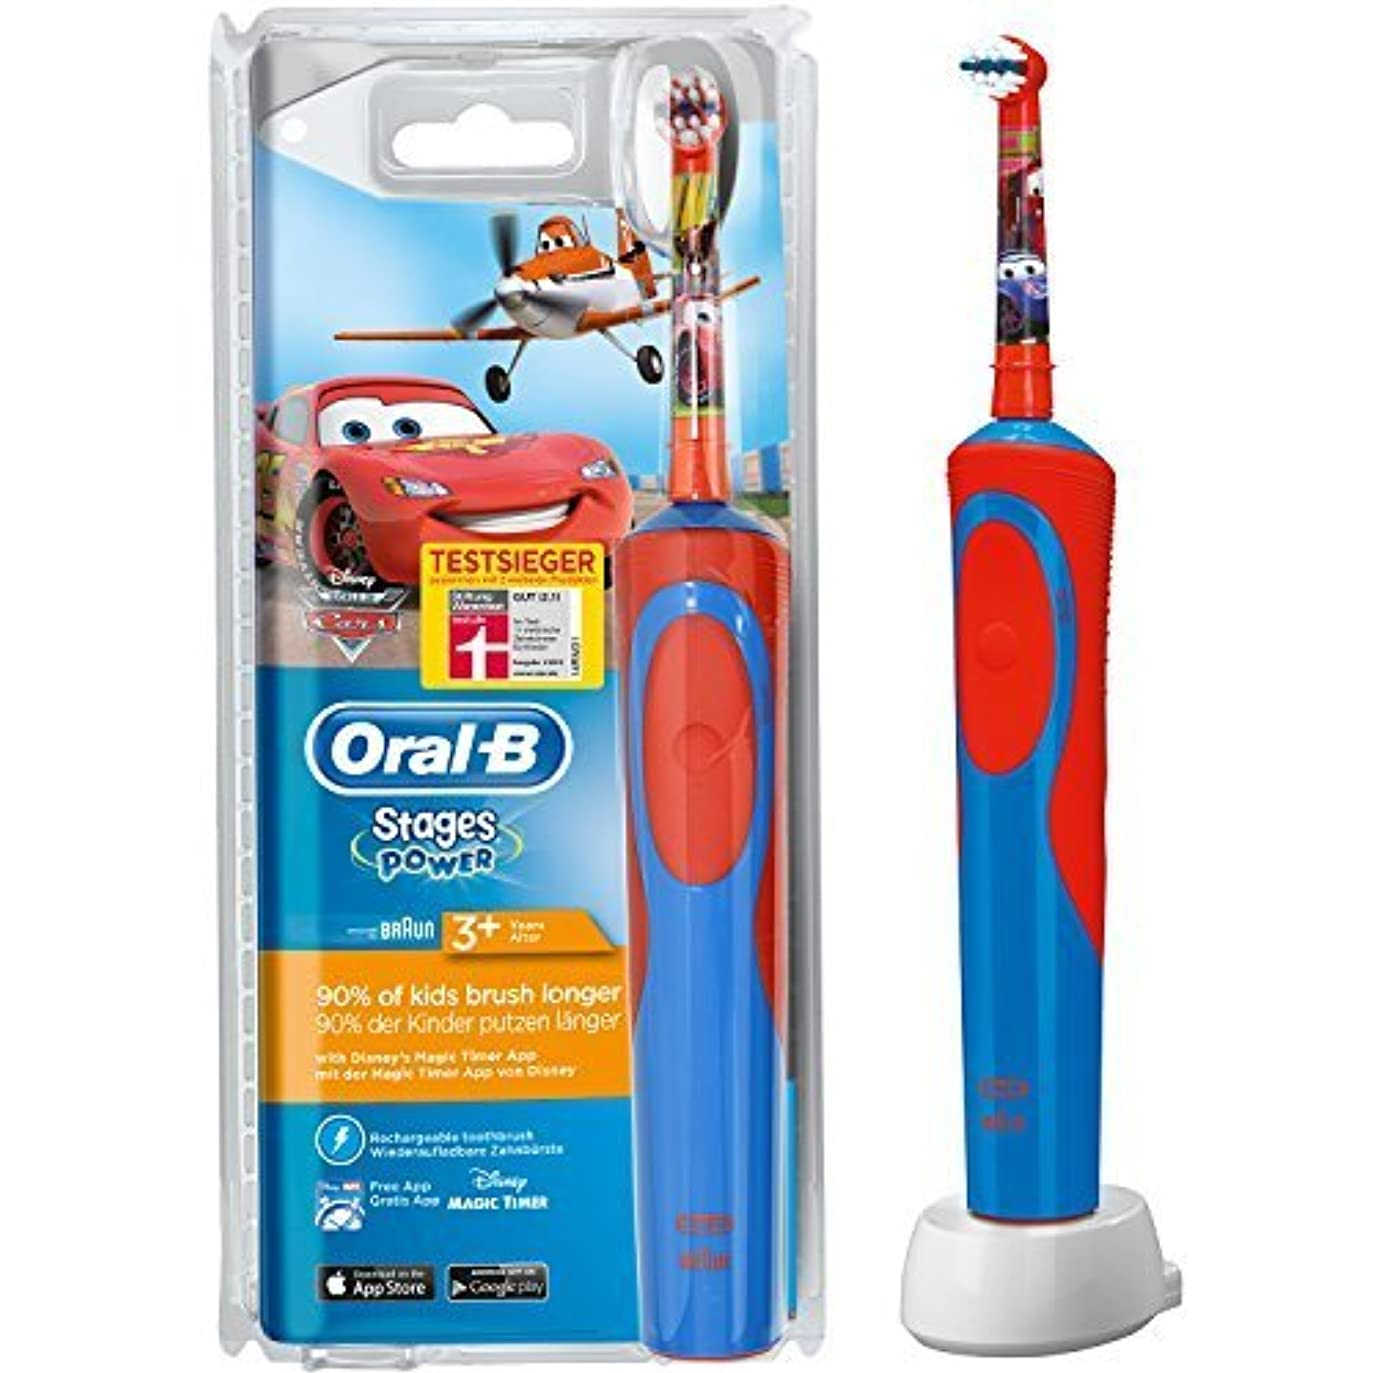 チケットホイールルネッサンスOral-B Stages Power Cars Children's Electric Toothbrush with Timer by Oral-B [並行輸入品]